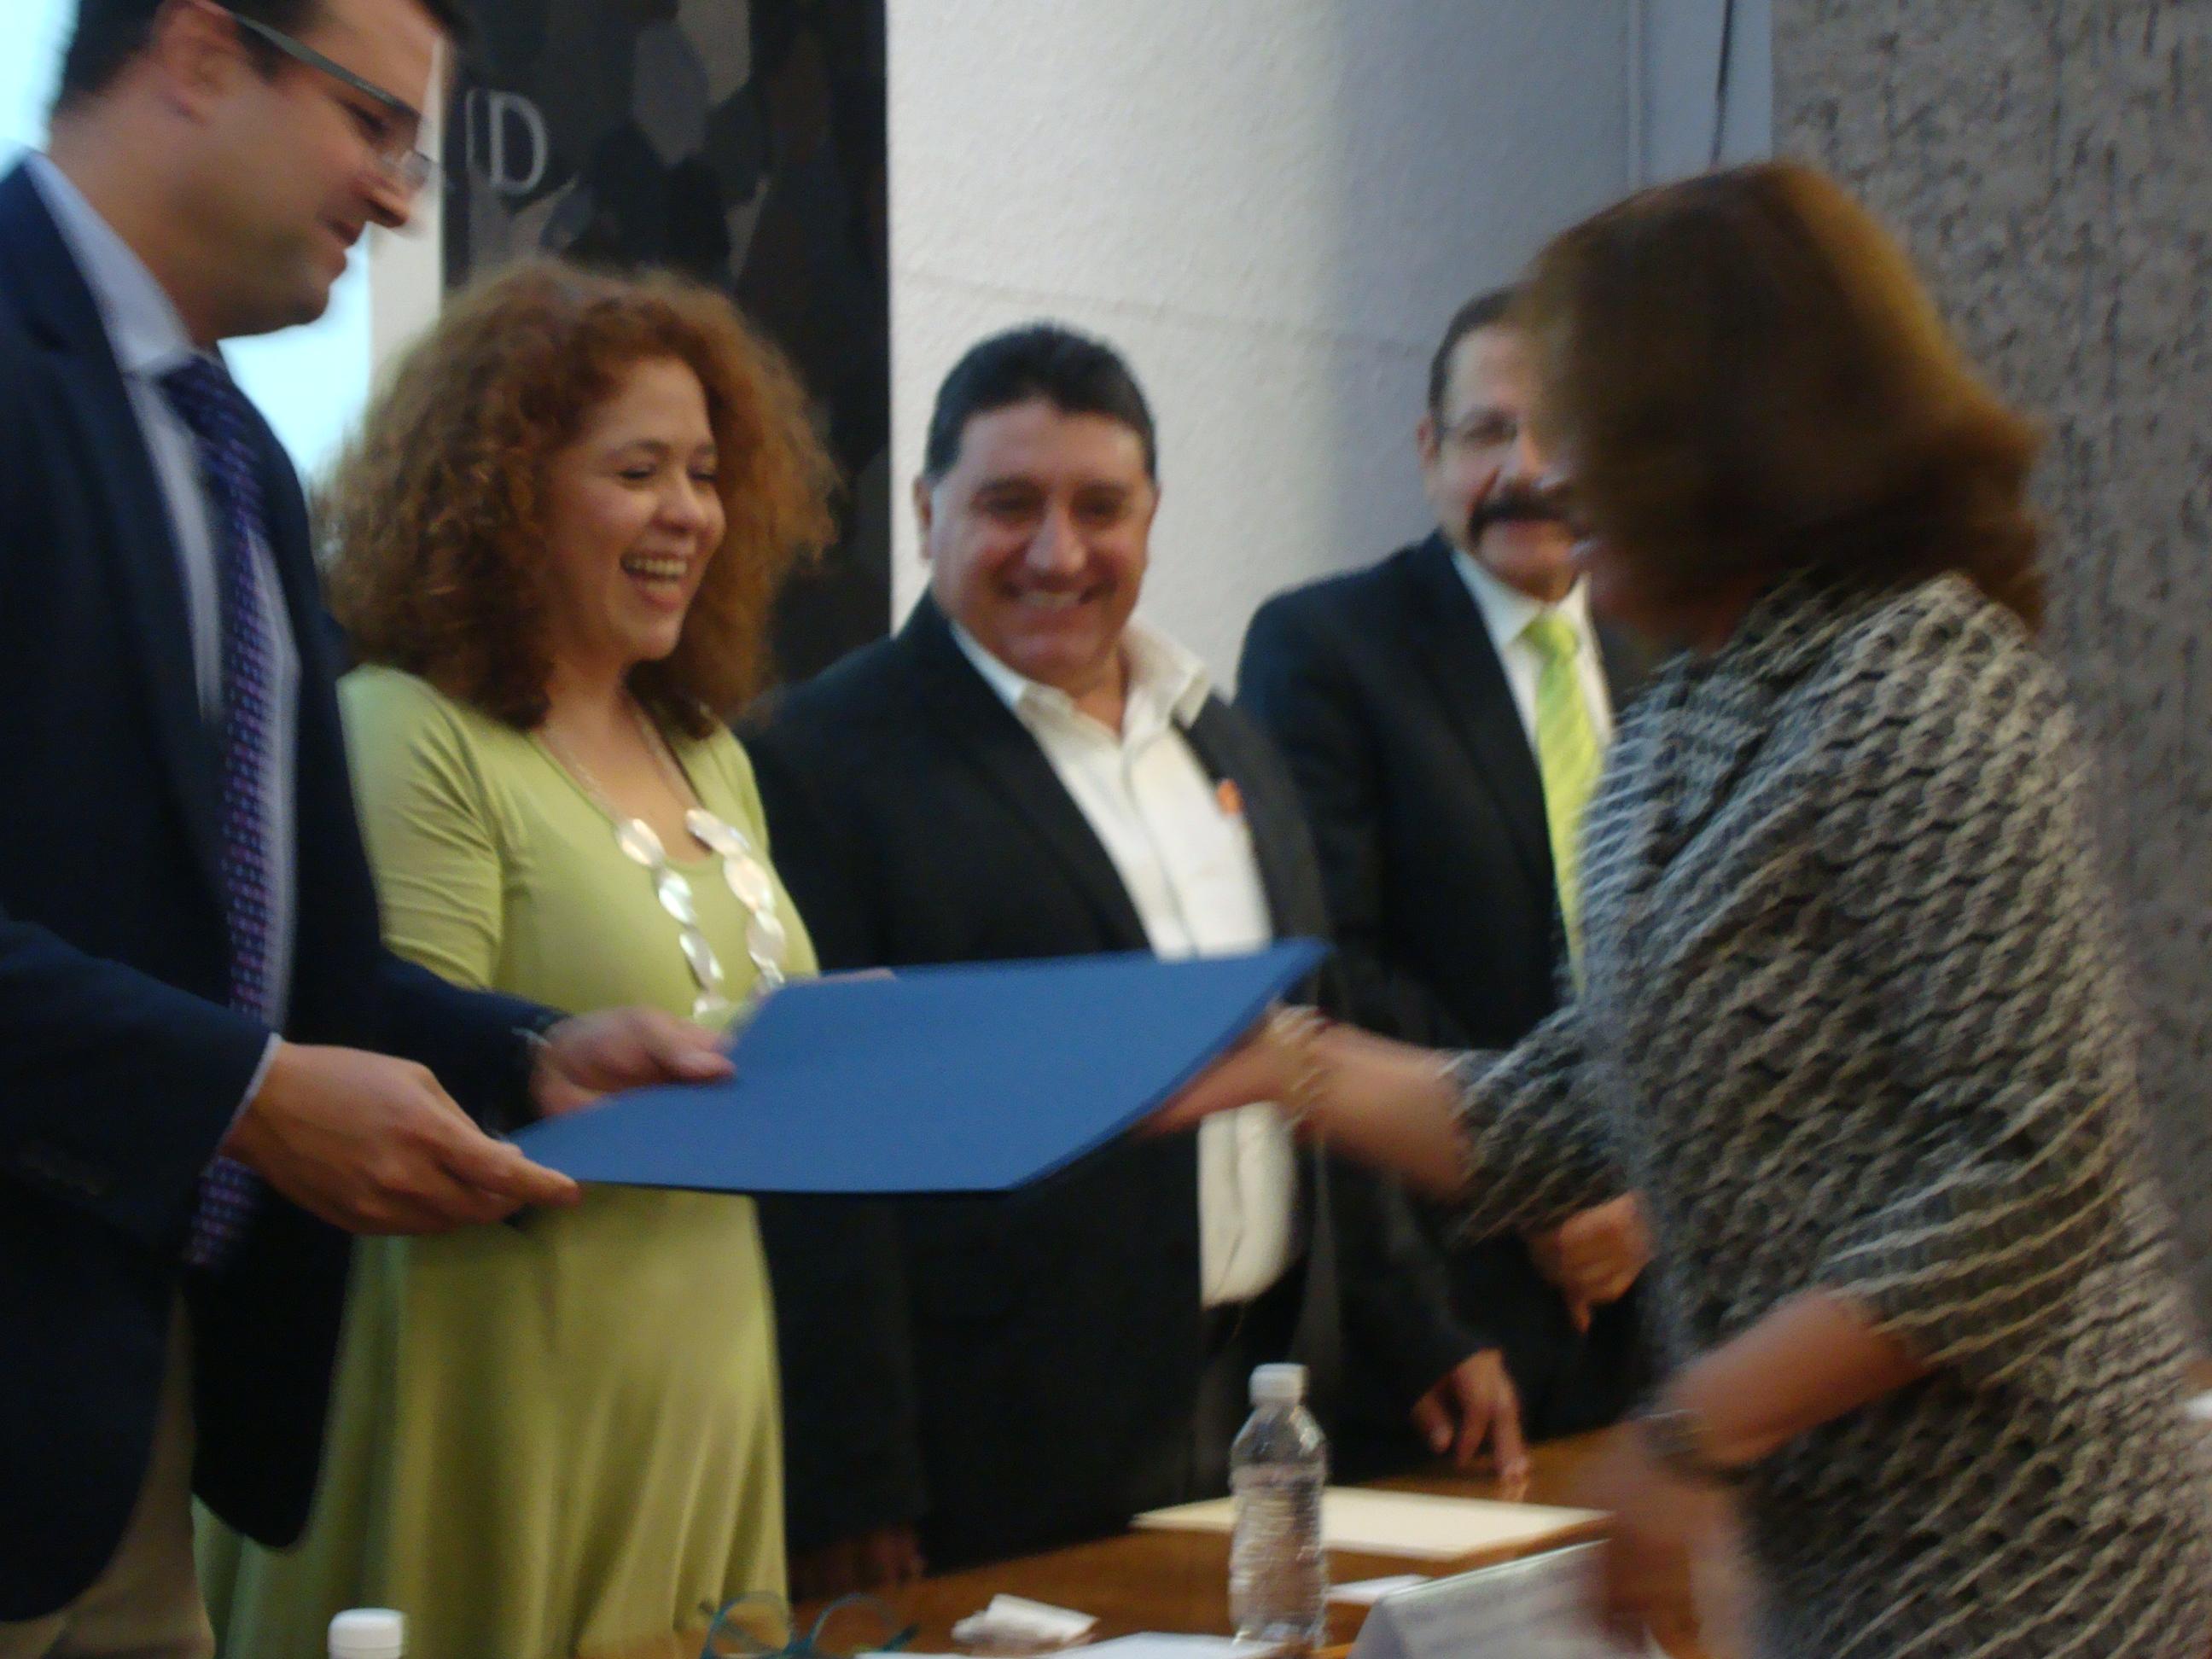 Secretario Académico entregando reconocimiento a una profesora